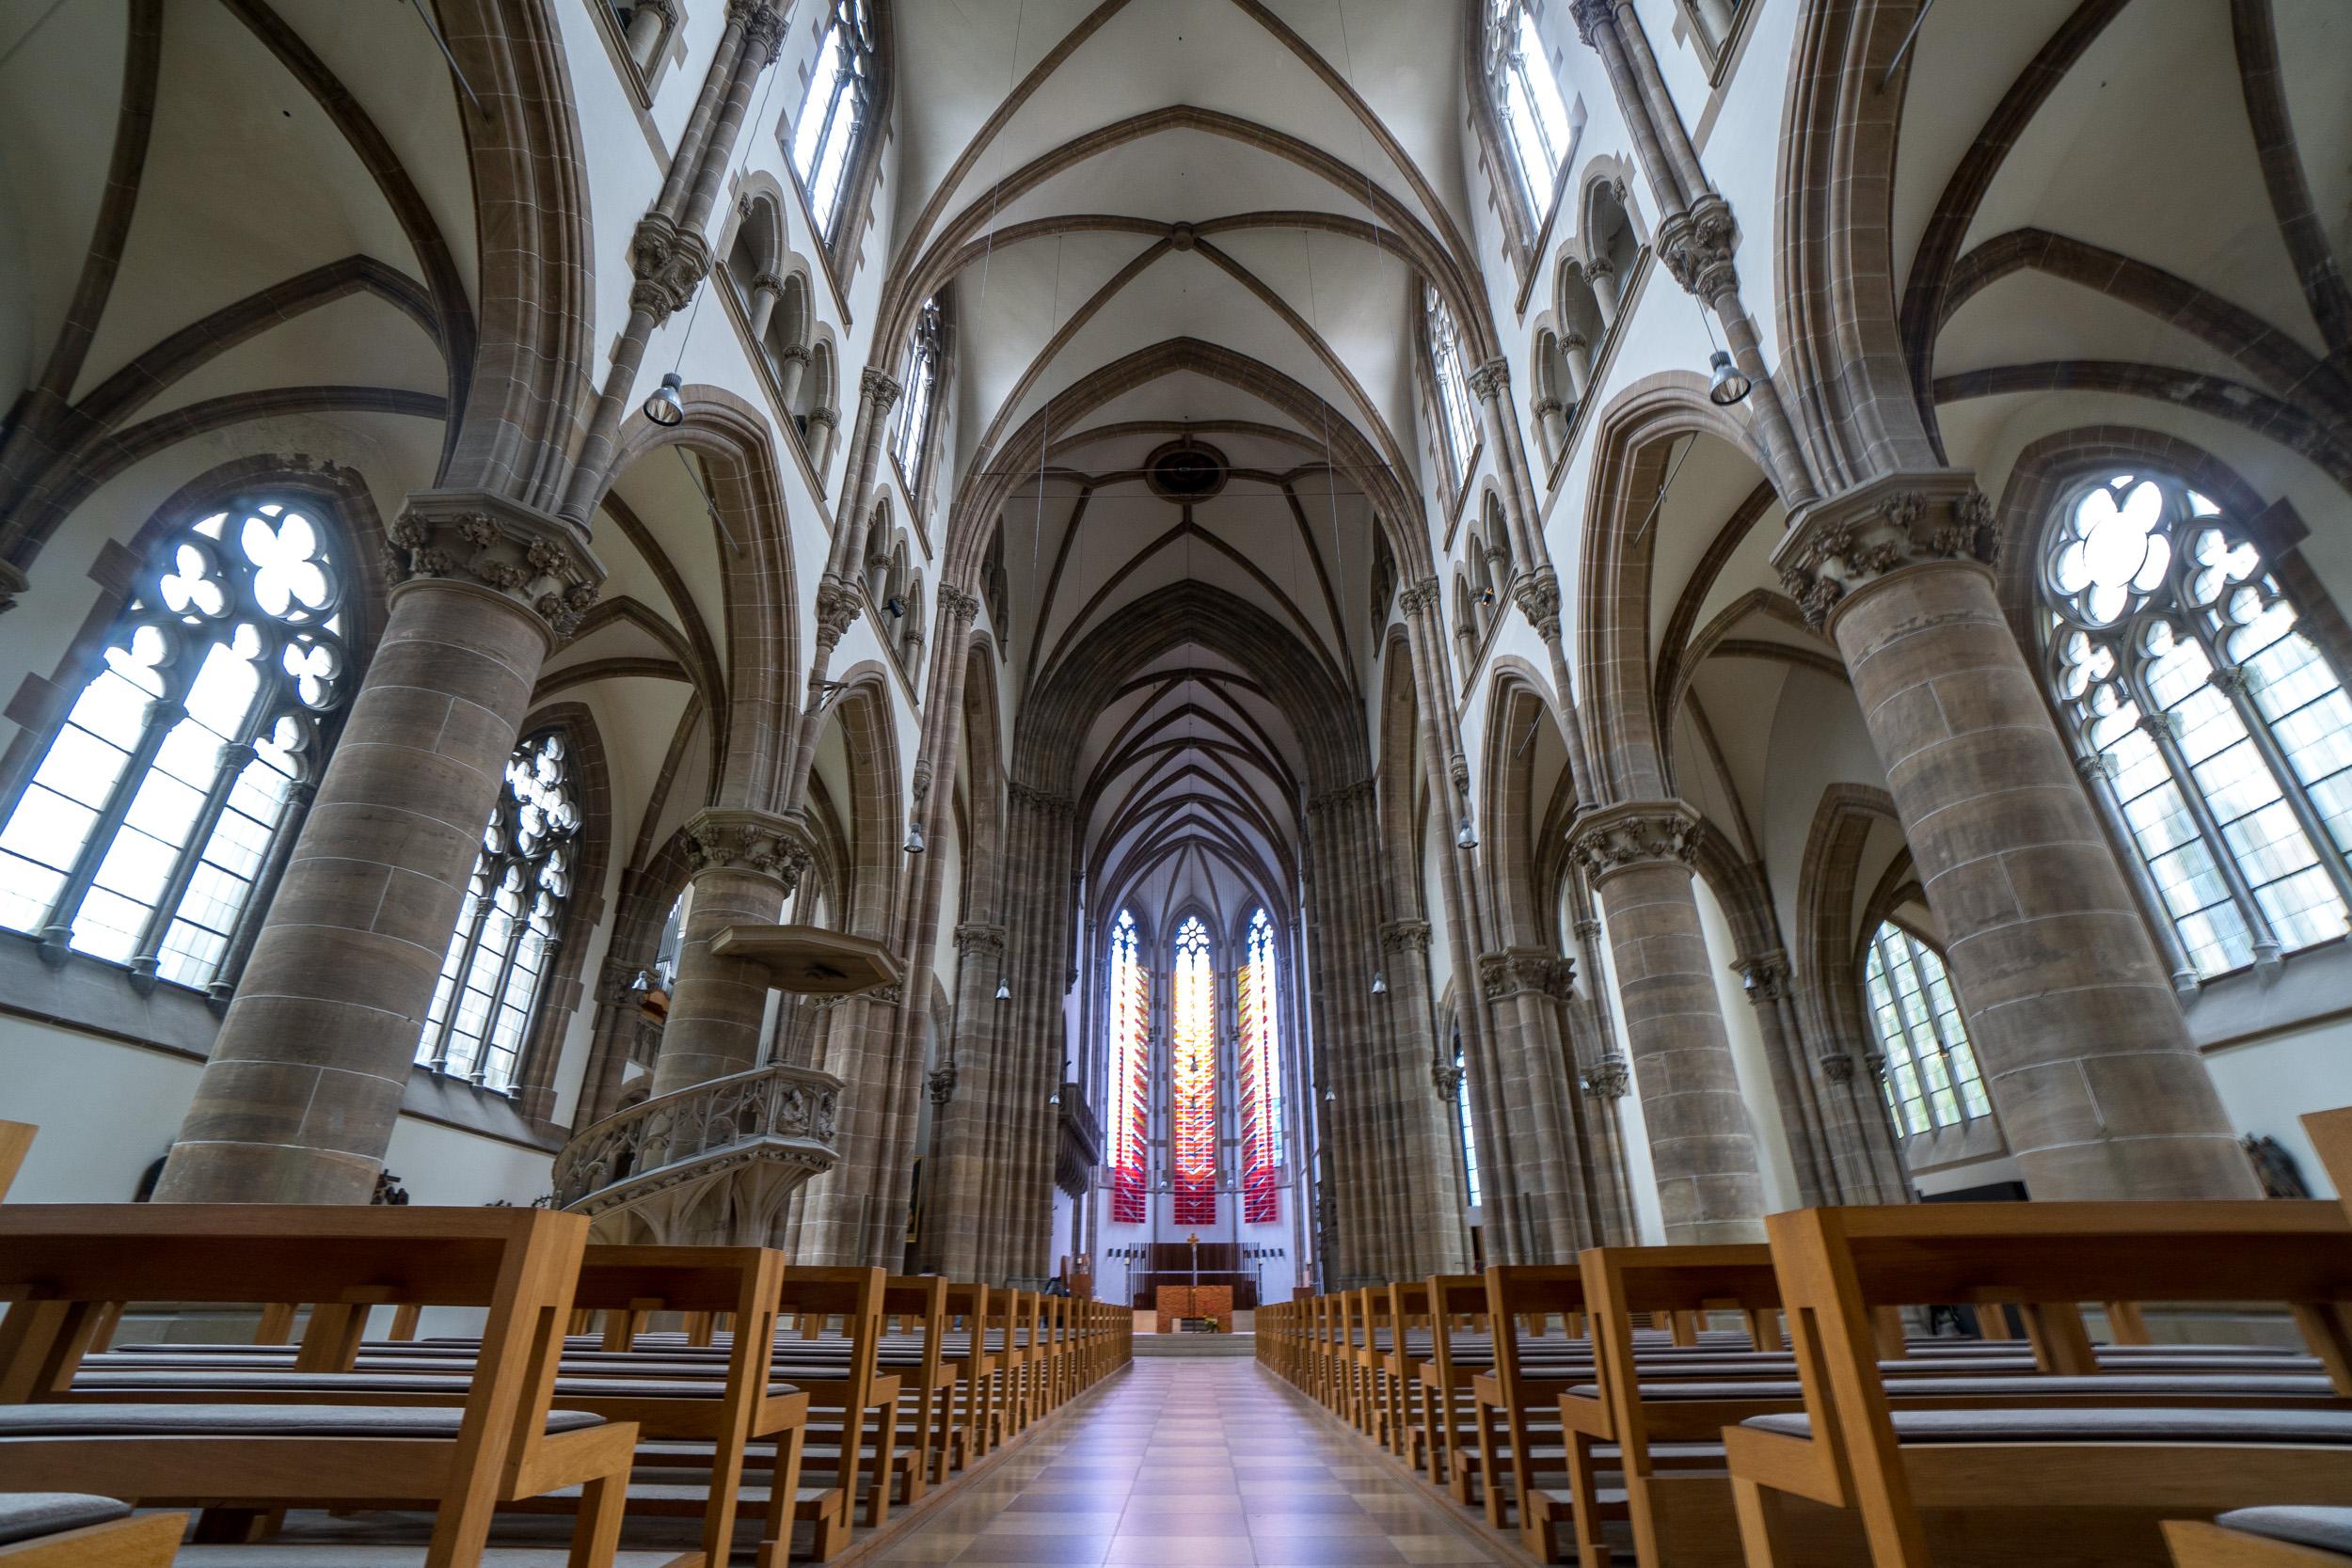 St. Paul - Munich, Germany